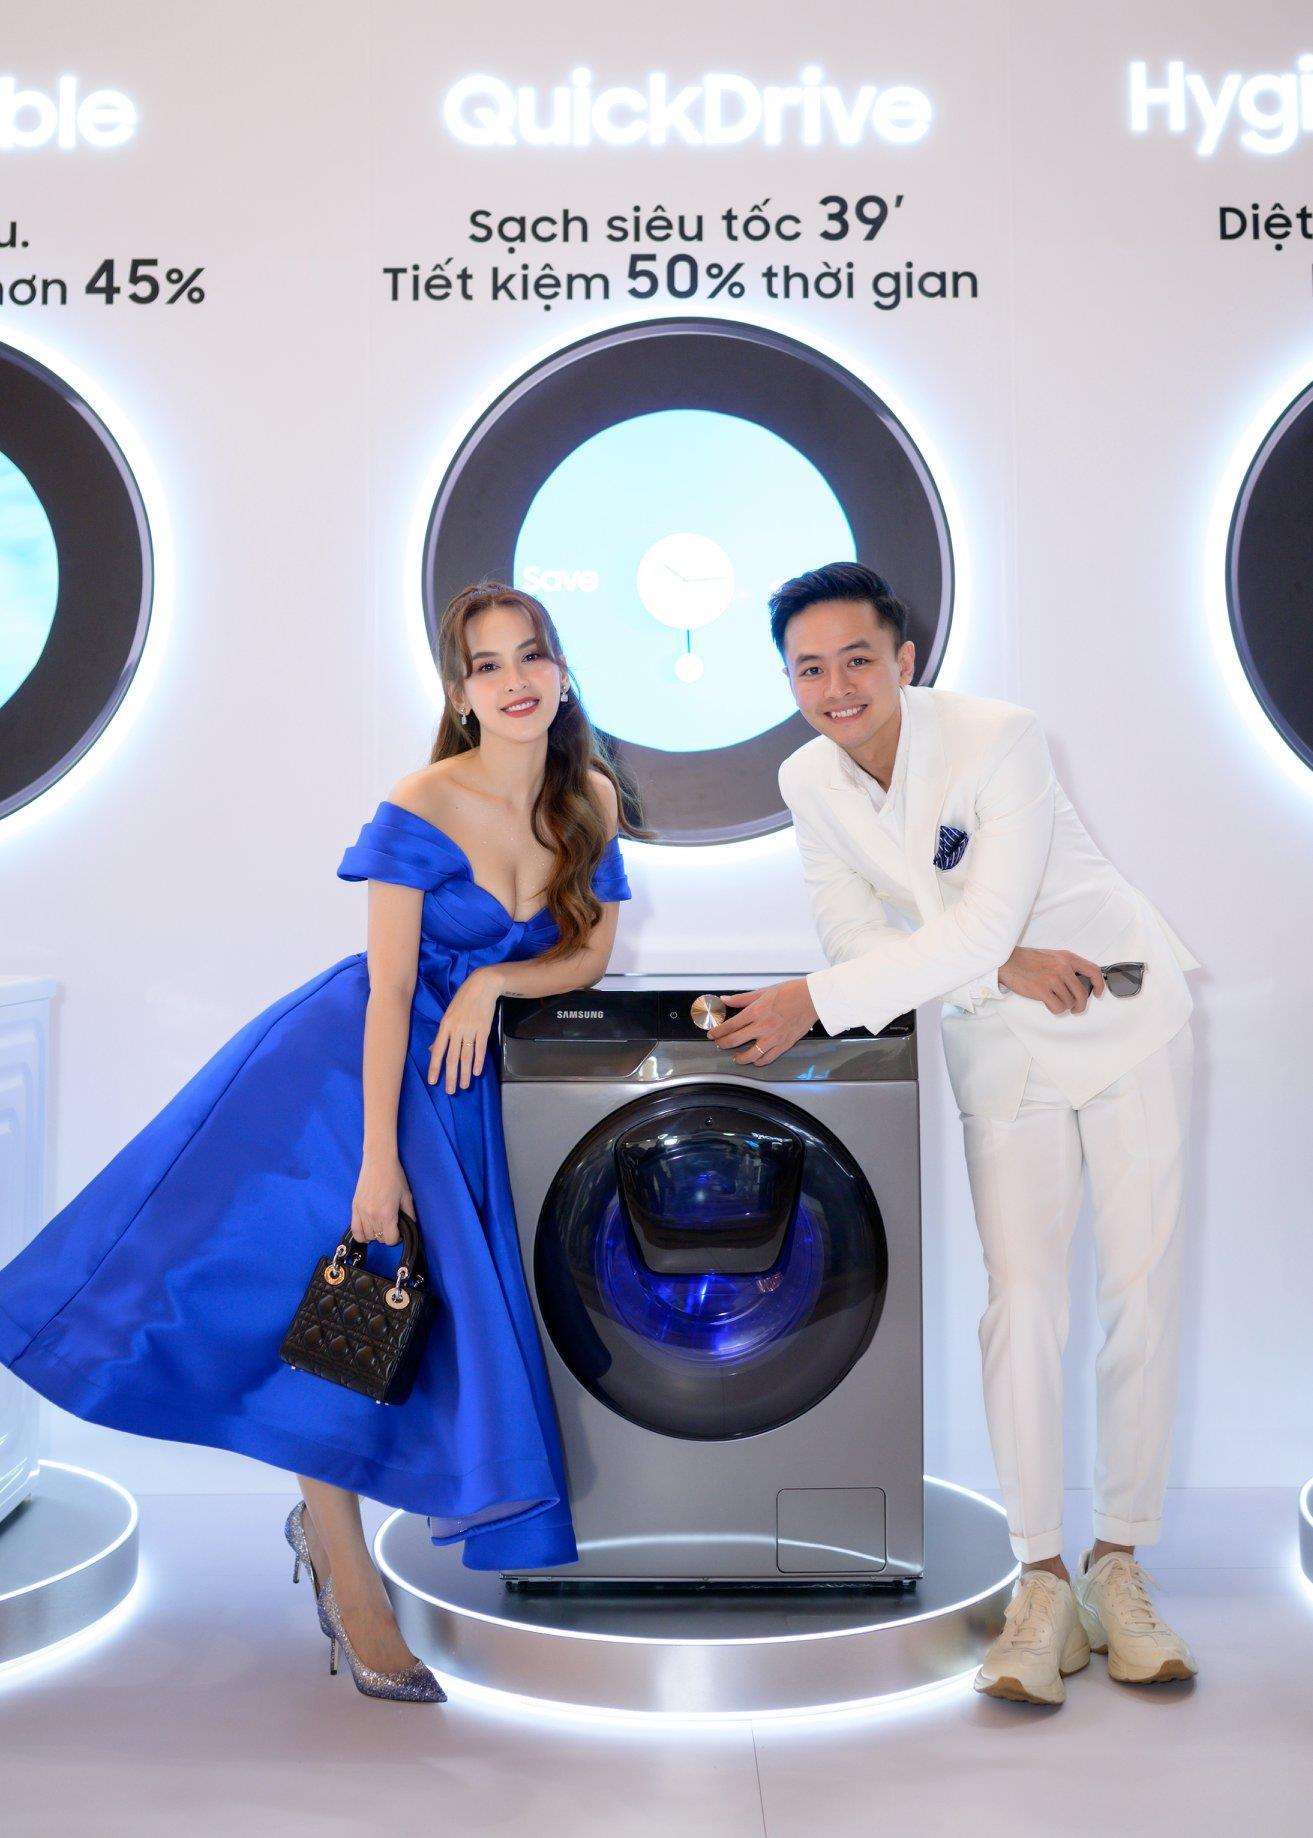 Có gì trong chiếc máy giặt thông minh mới khiến Phạm Quỳnh Anh cho tới vợ chồng đạo diễn Victor Vũ đều mê mẩn? - Ảnh 4.